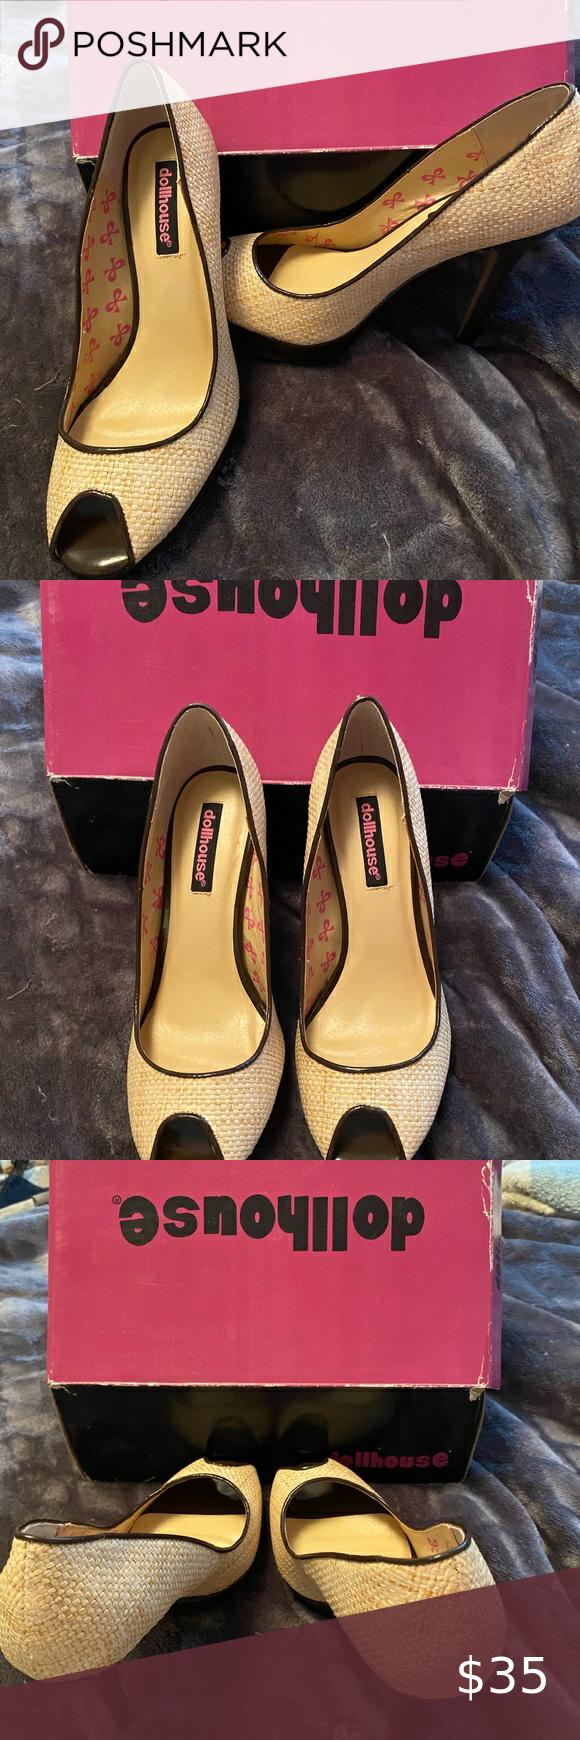 Platform shoes, Dollhouse shoes